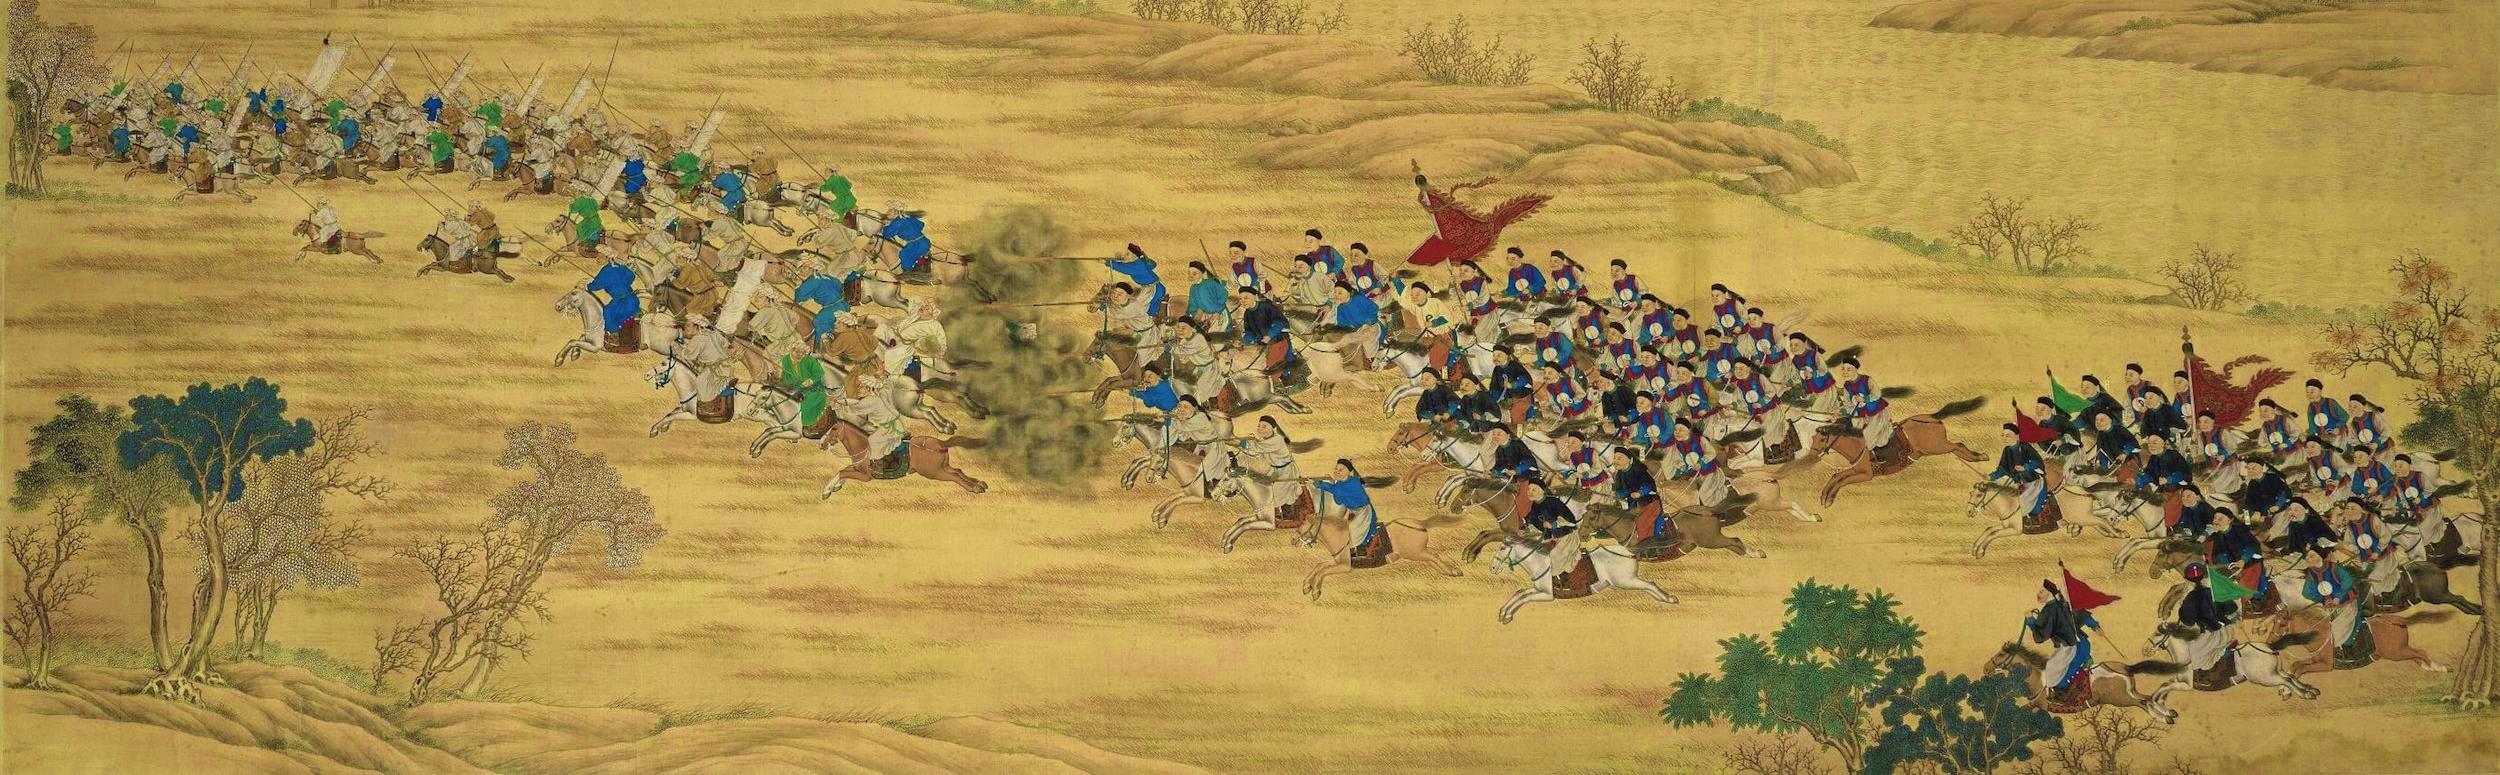 Sun Tzu et les guerres médiévales